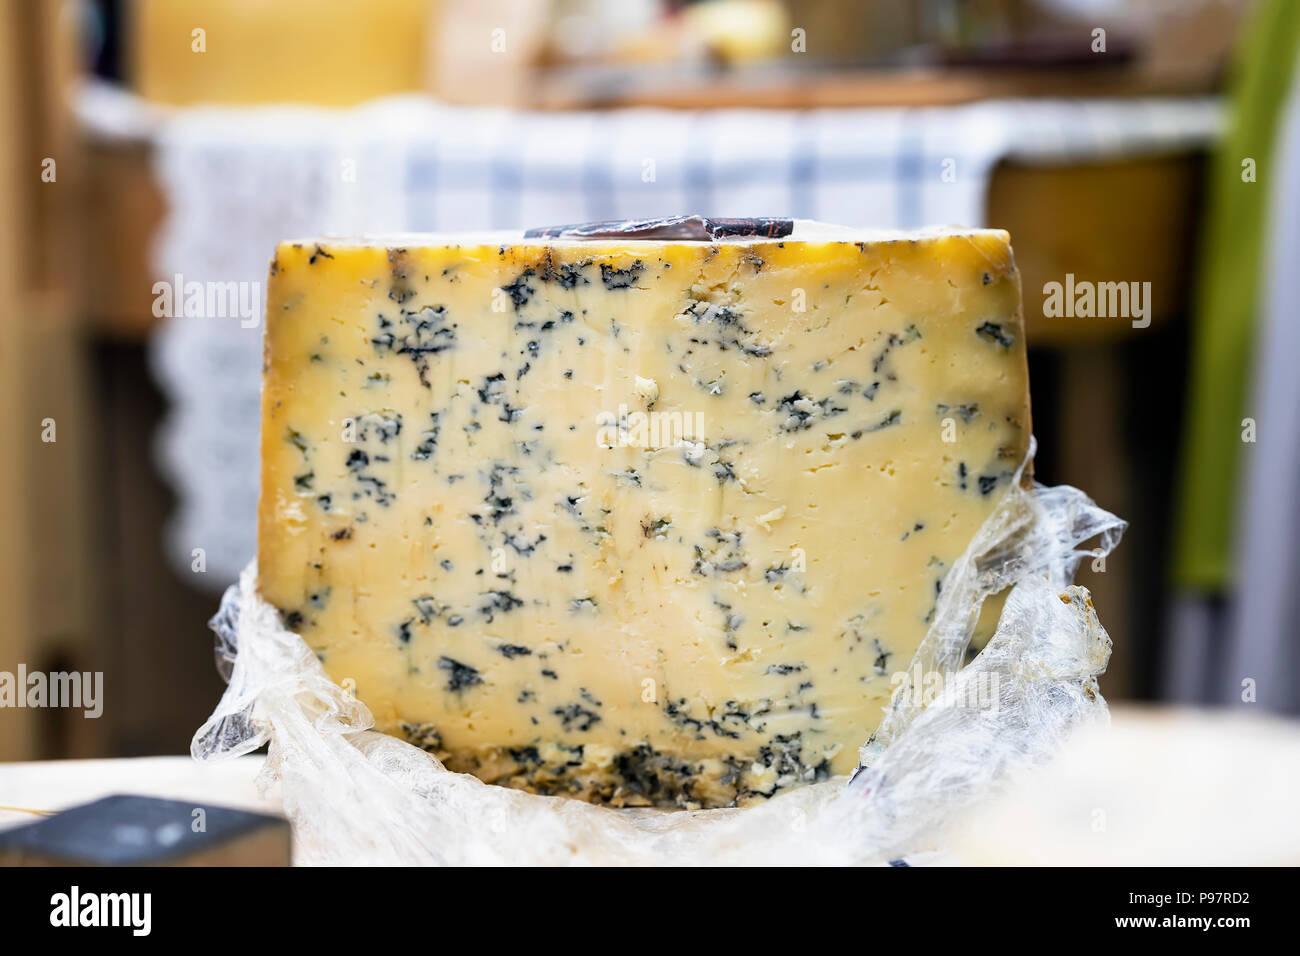 Grande roue de fromage bleu sur moule avec compteur, marché coloré couleurs. Produits dainty gastronomique sur comptoir du marché, scène réelle dans food market Photo Stock